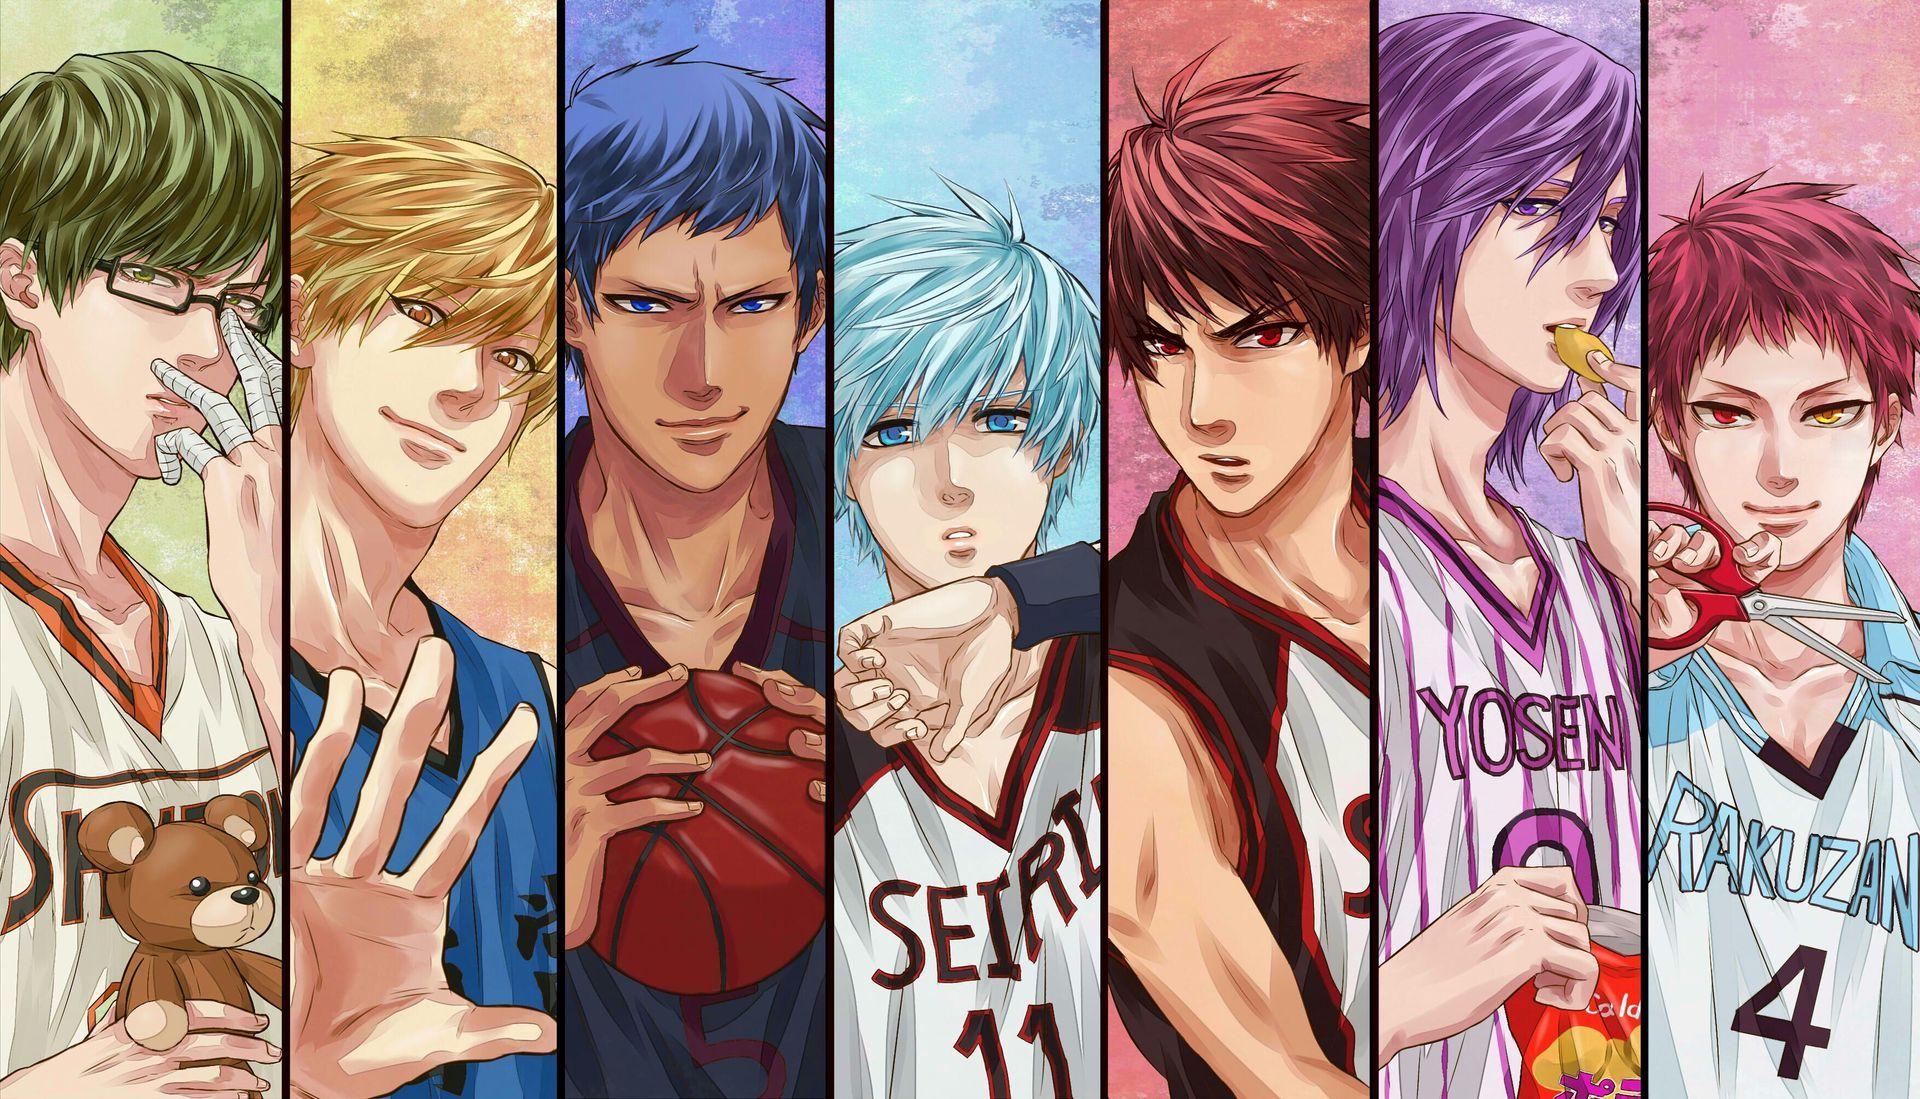 kuroko no basket อะนิเมะ